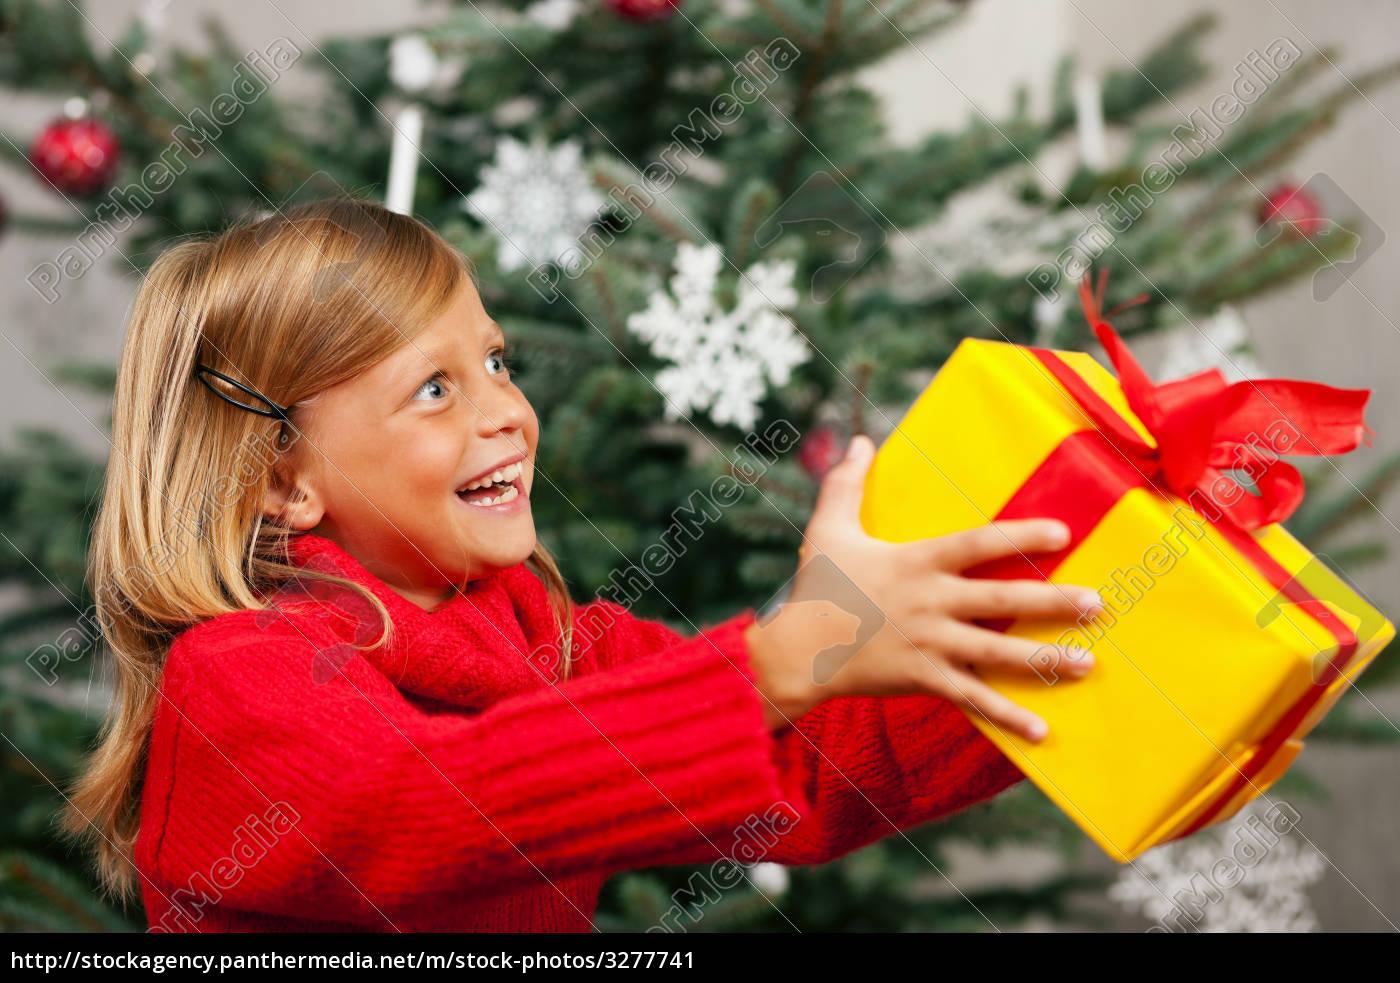 Weihnachten Kinder.Lizenzfreies Bild 3277741 Weihnachten Familie Kind Kinder Mutt